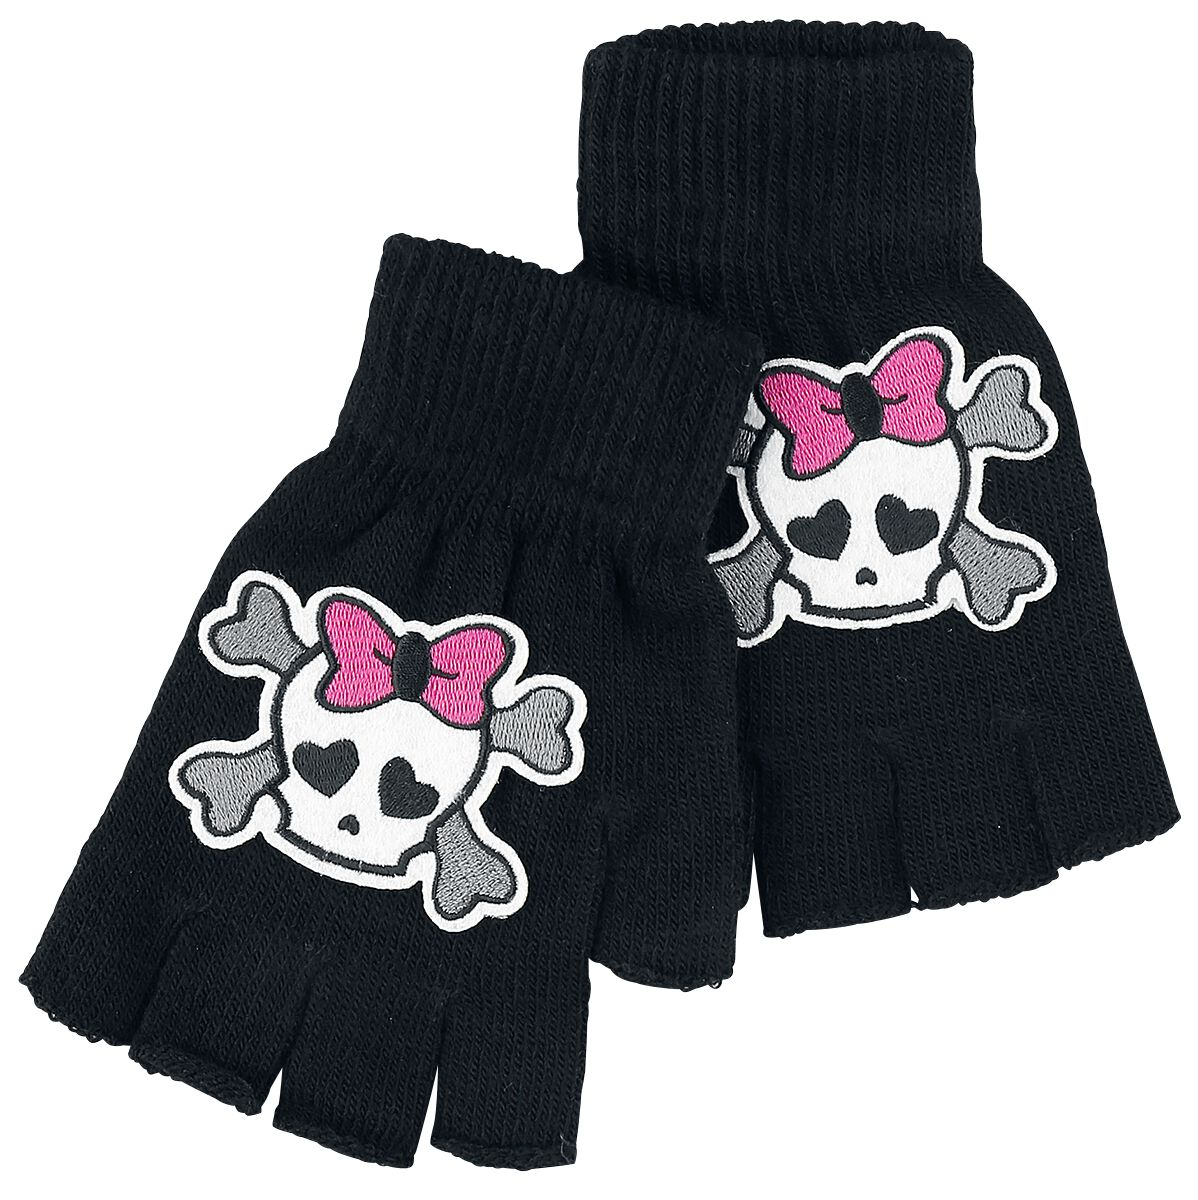 Basics - Szaliki i Rękawiczki - Rękawiczki bez palców Skully Rękawiczki bez palców czarny - 356909